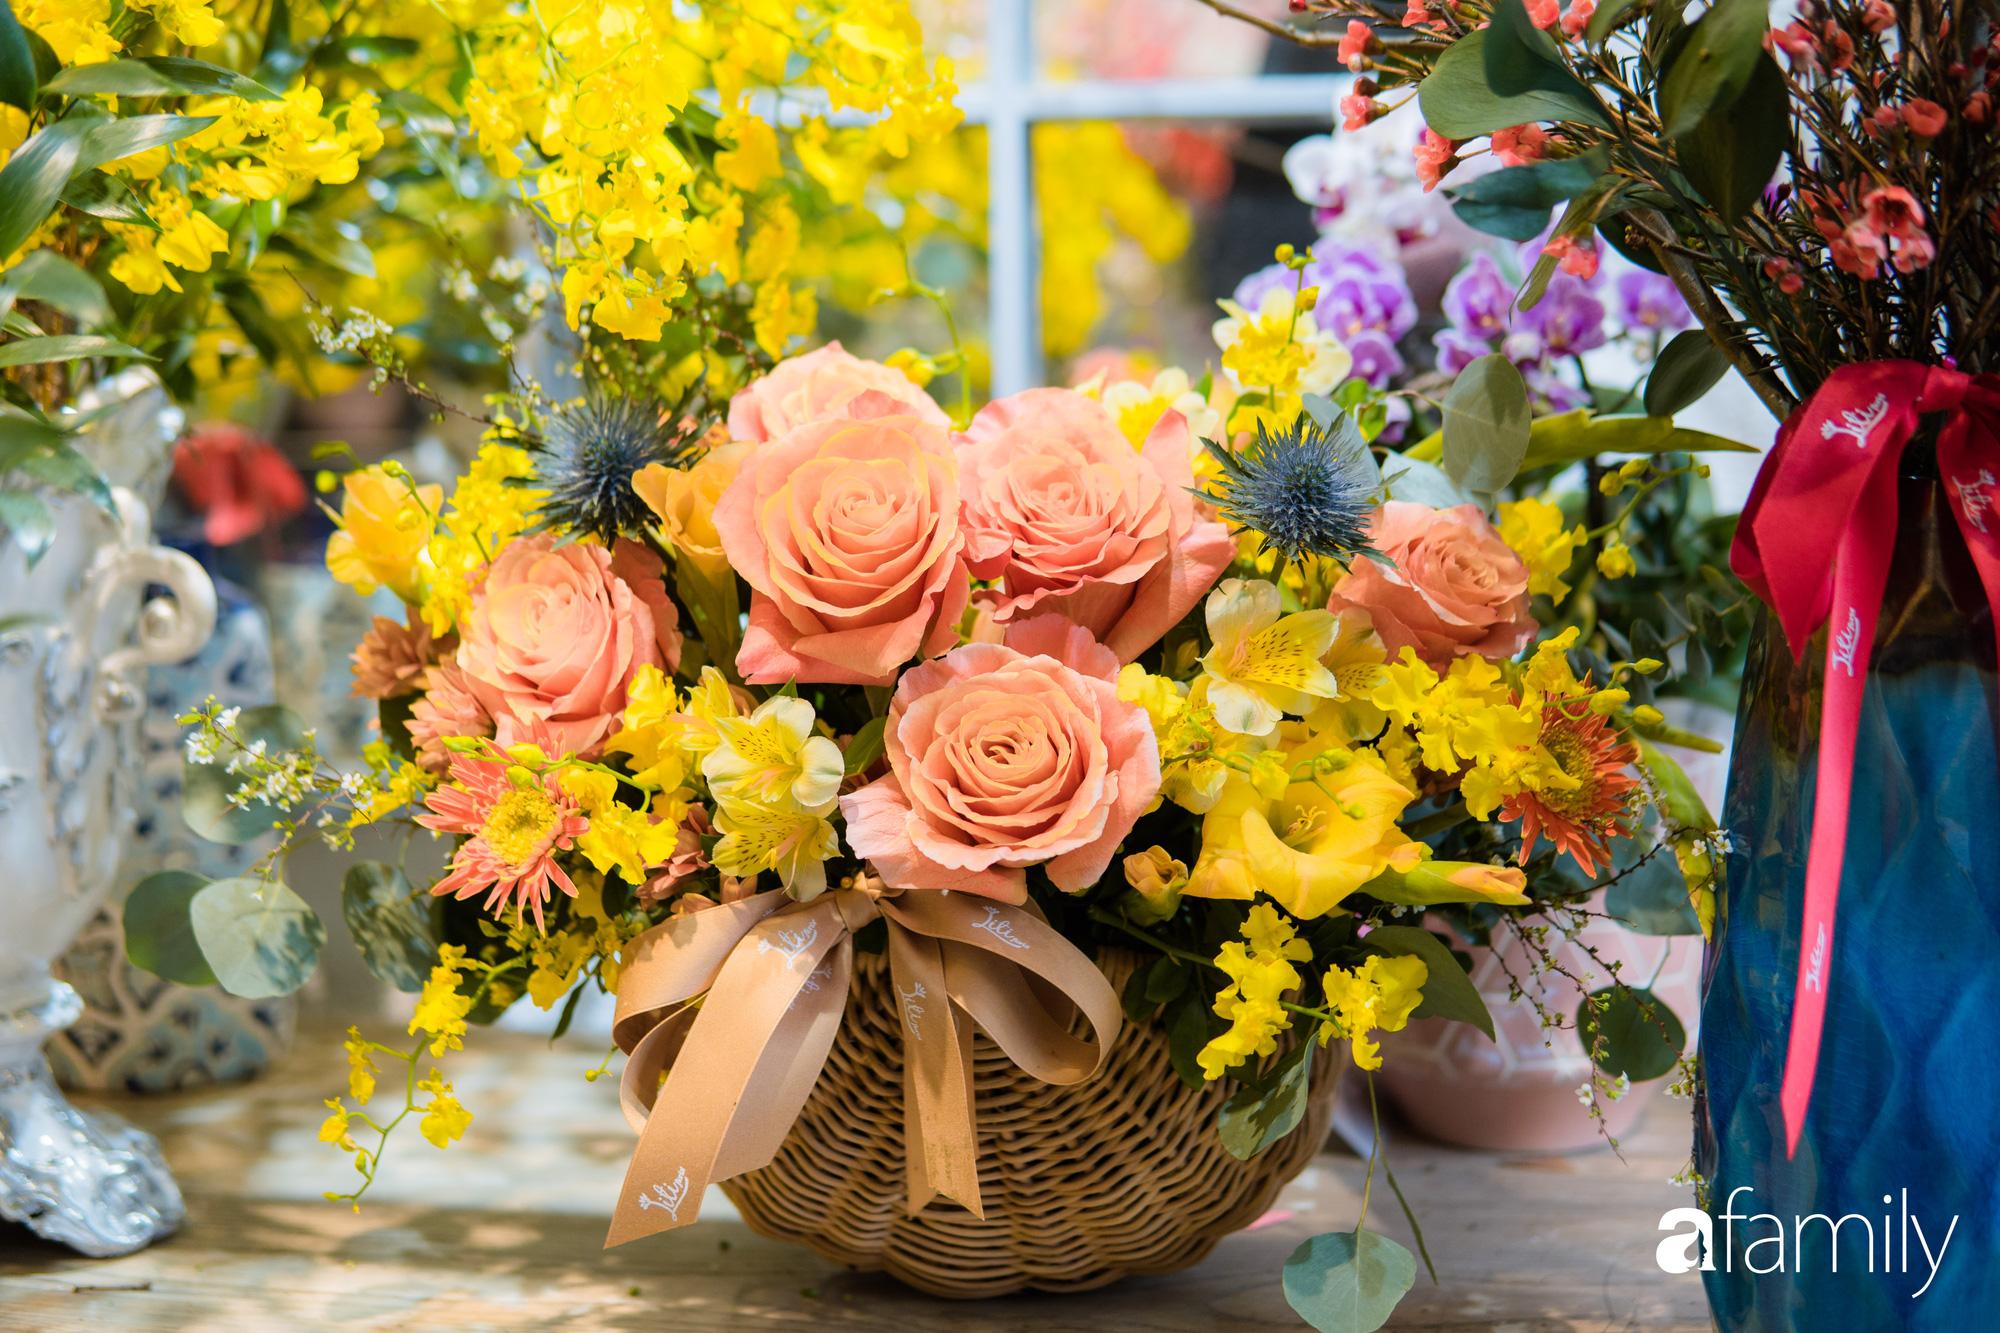 """Ngắm những loài hoa nhập khẩu đẹp lạ """"sang chảnh"""" để hiểu tại sao các đại gia Hà thành sẵn sàng chi 50 triệu sắm hoa đẹp chơi Tết - Ảnh 11."""